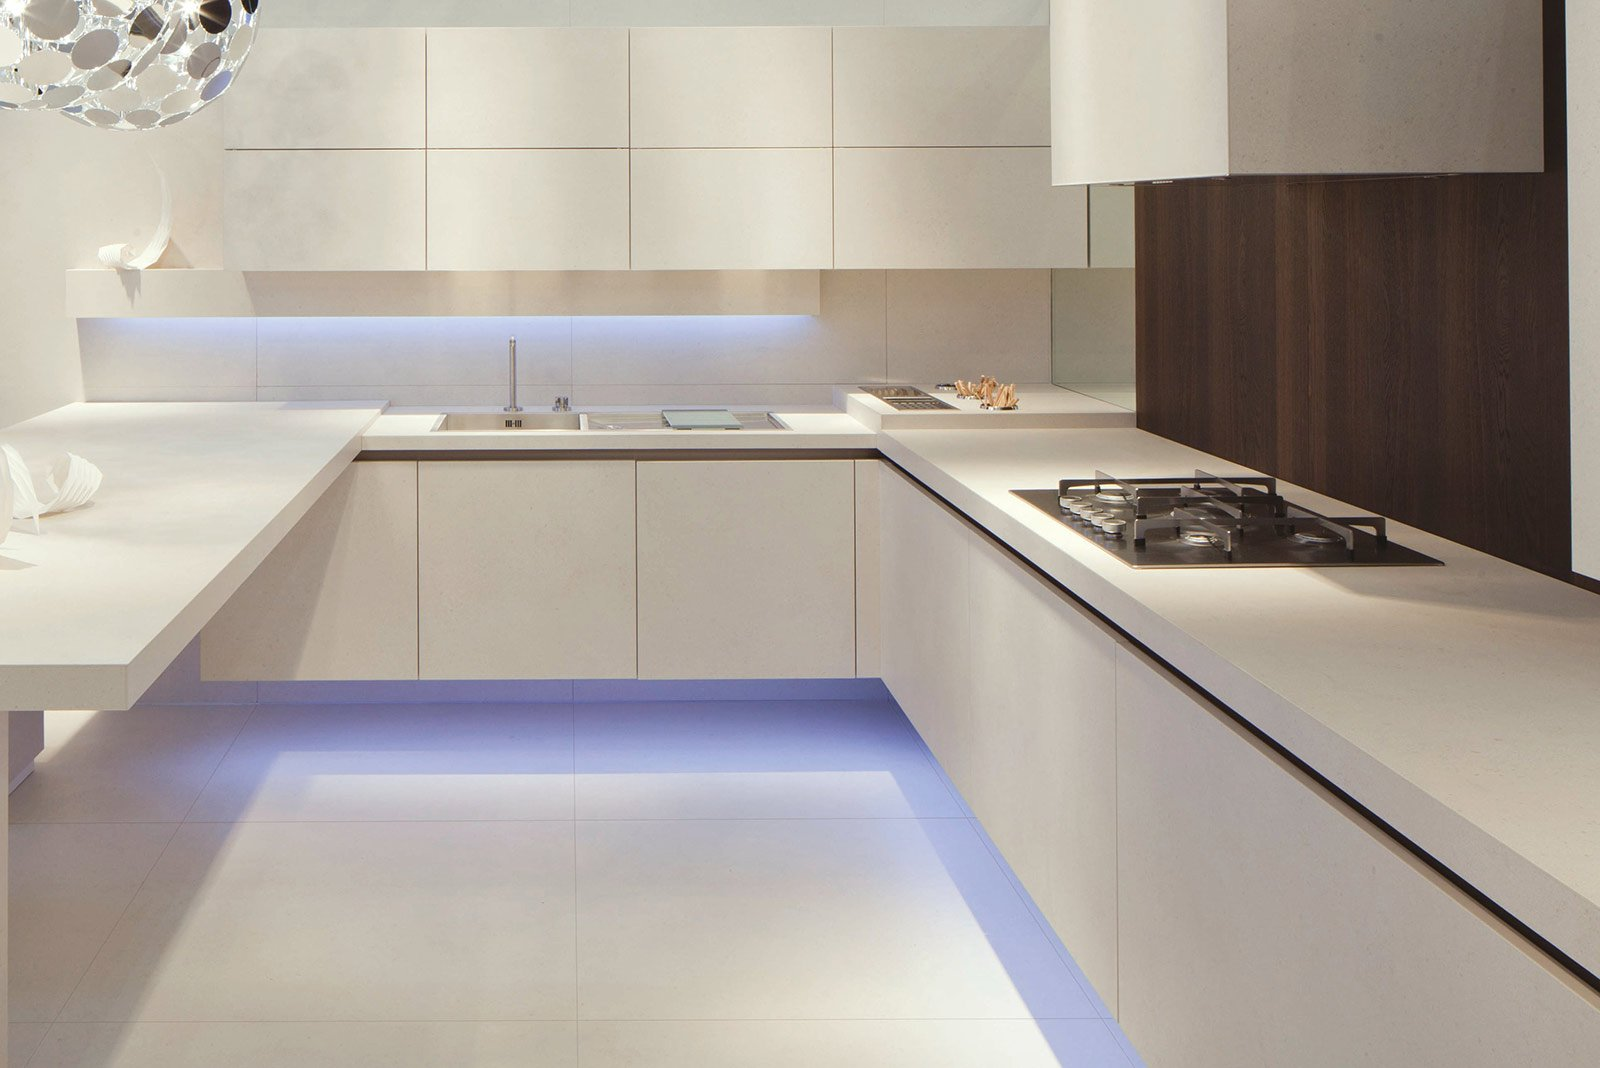 La cucina etherna di arrital armonizza arredo e ambiente for Pavimento per cucina